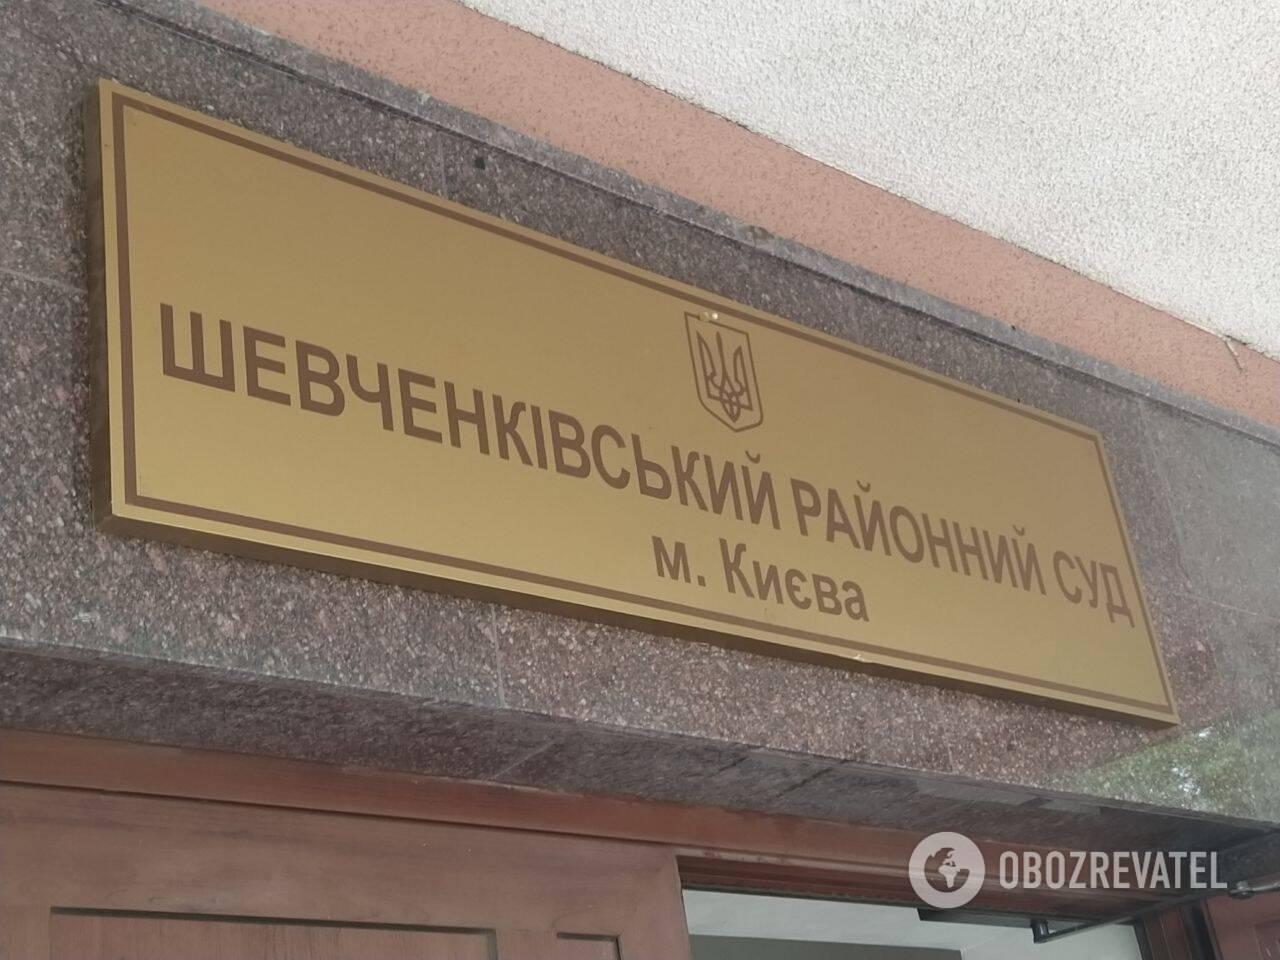 Суд арестовал подозреваемого в совершении ДТП в Киеве с четырьмя погибшими Желепу. Суд